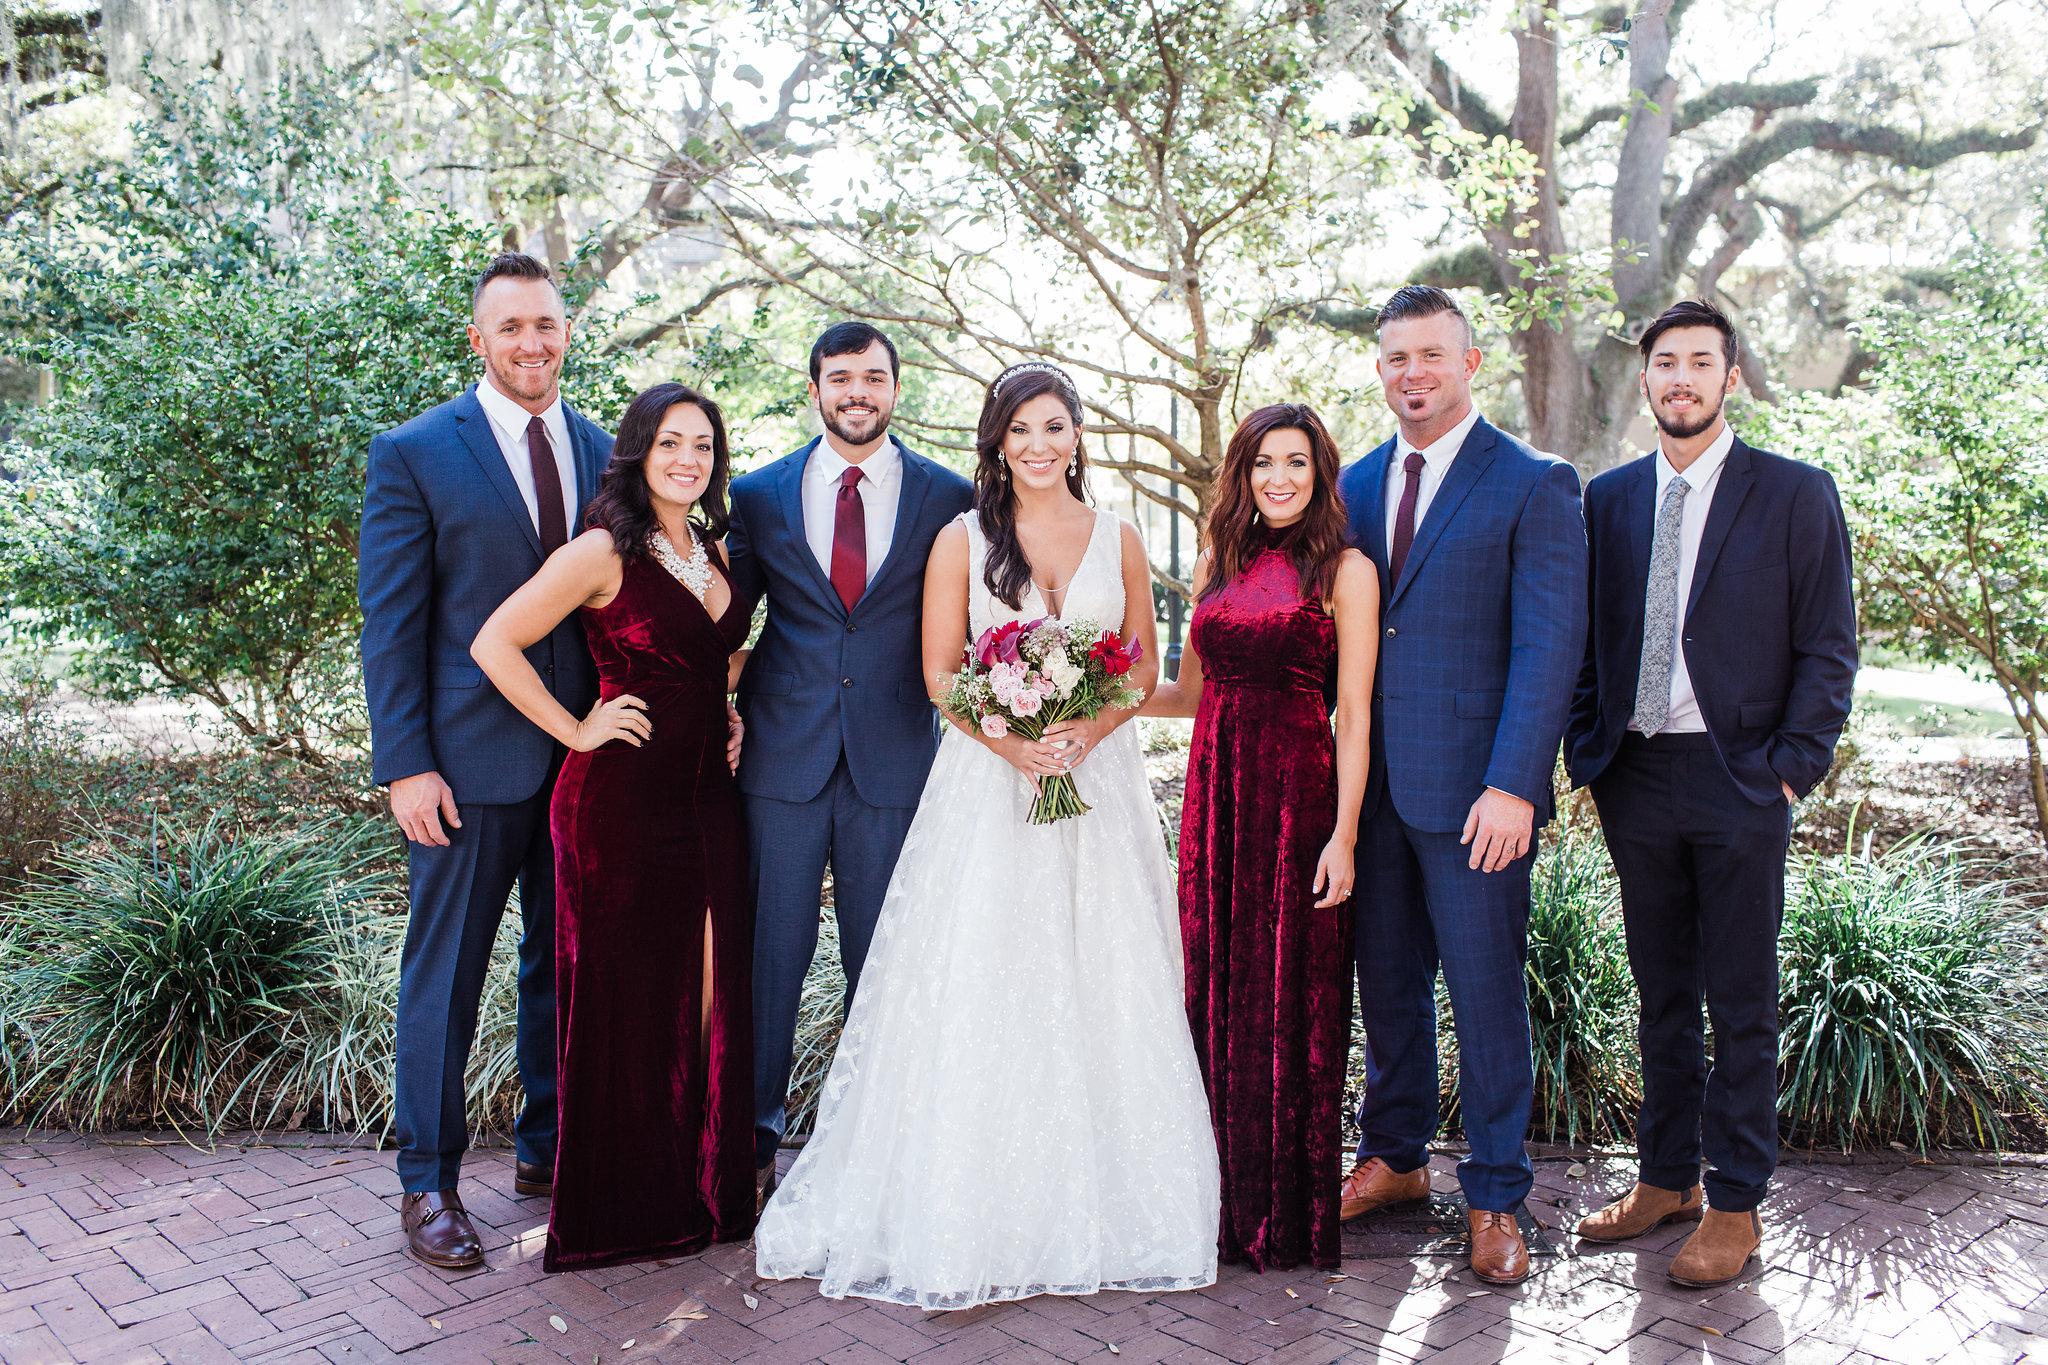 apt-b-photography-lindsey-shawn-Savannah-wedding-photographer-savannah-elopement-photographer-historic-savannah-elopement-savannah-weddings-hilton-head-wedding-photographer-jekyll-island-wedding-photographer-7.jpg